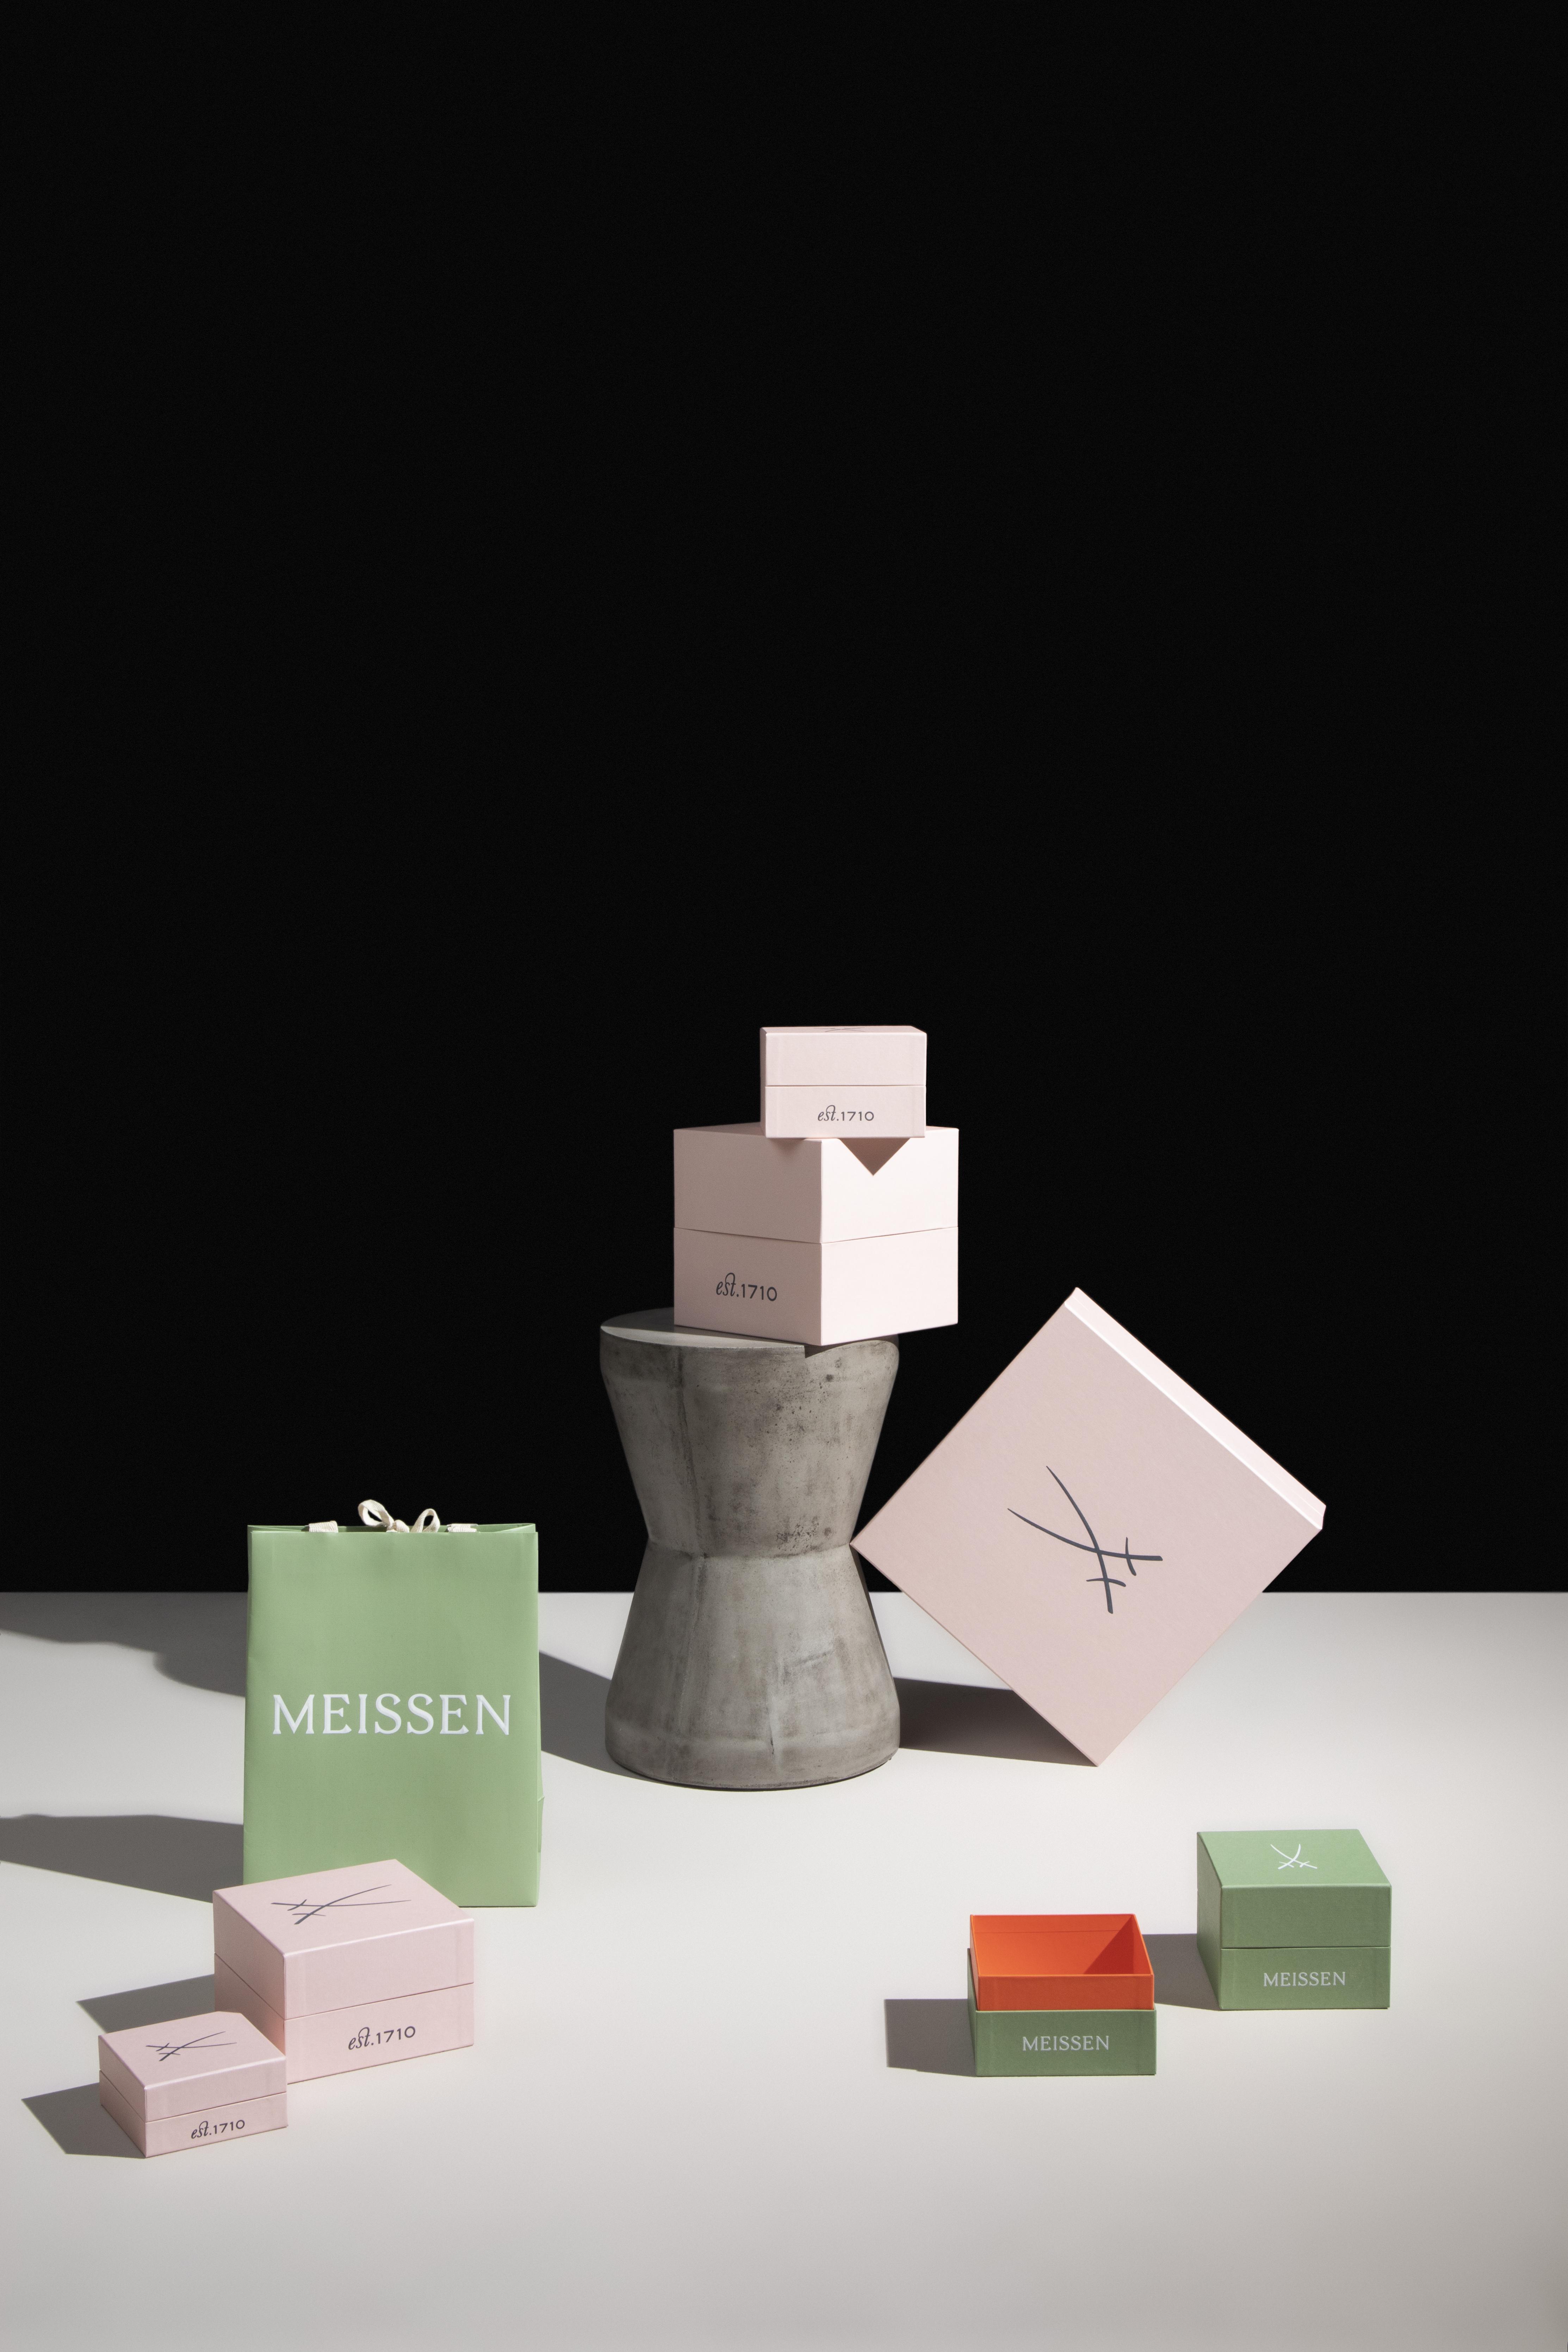 meissen-packaging-066